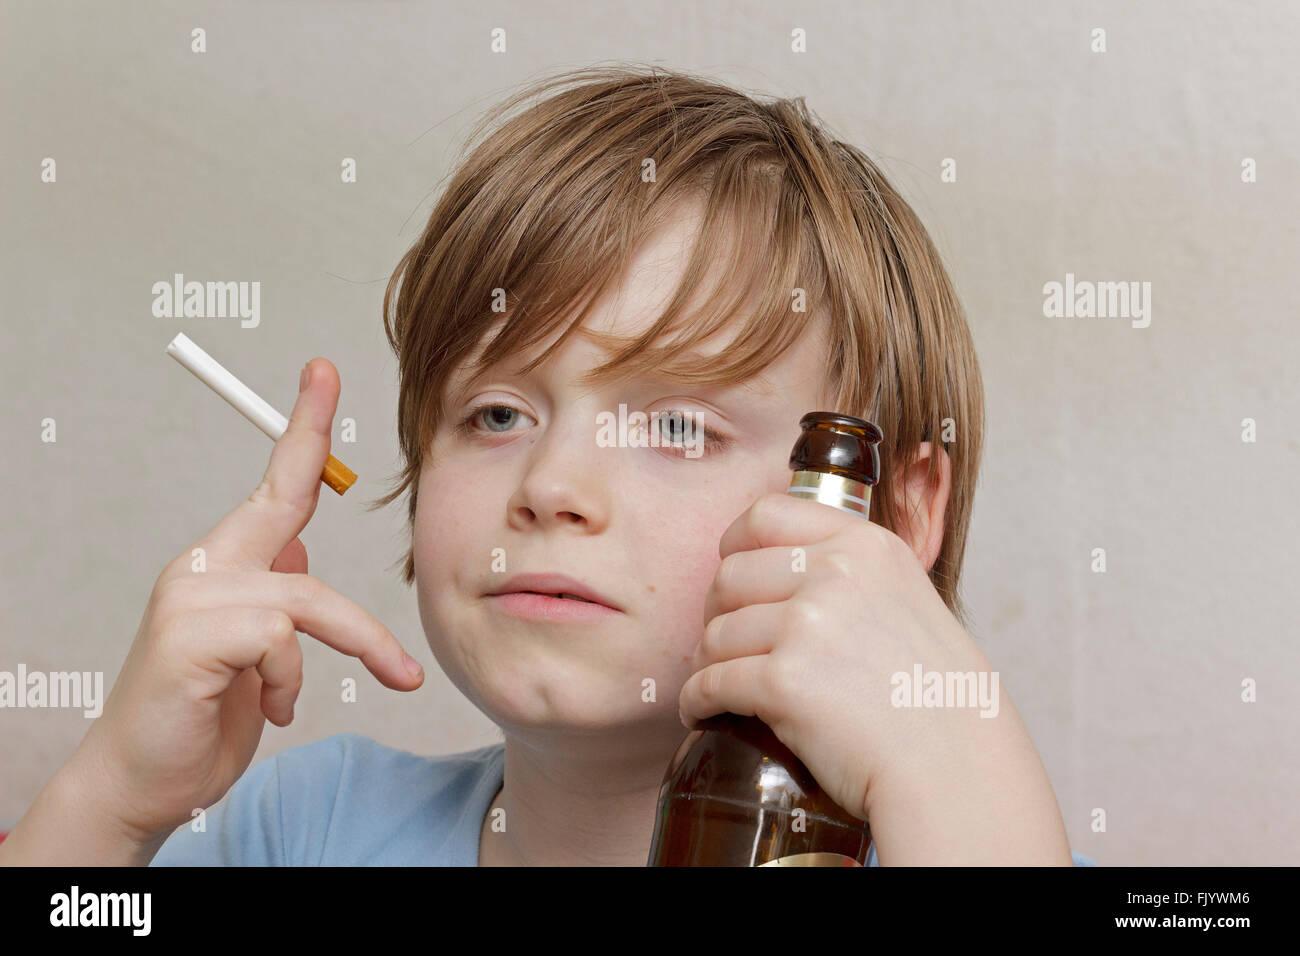 underage smoking Stock Photo - underage boy smoking and drinking beer